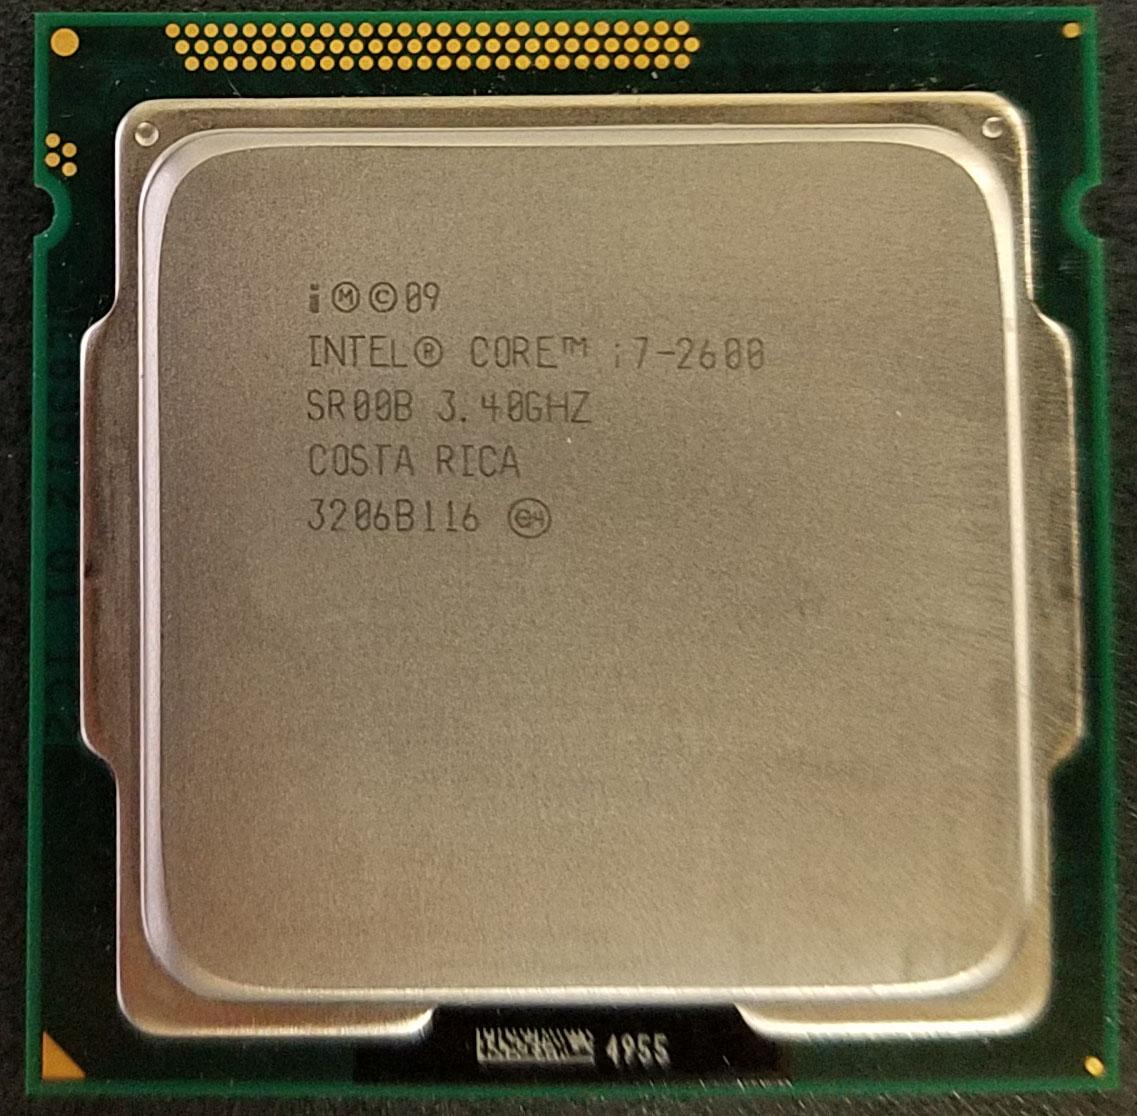 インテル CPU Core i7-2600 3.40GHz 4コア 8M LGA1155 送料込み